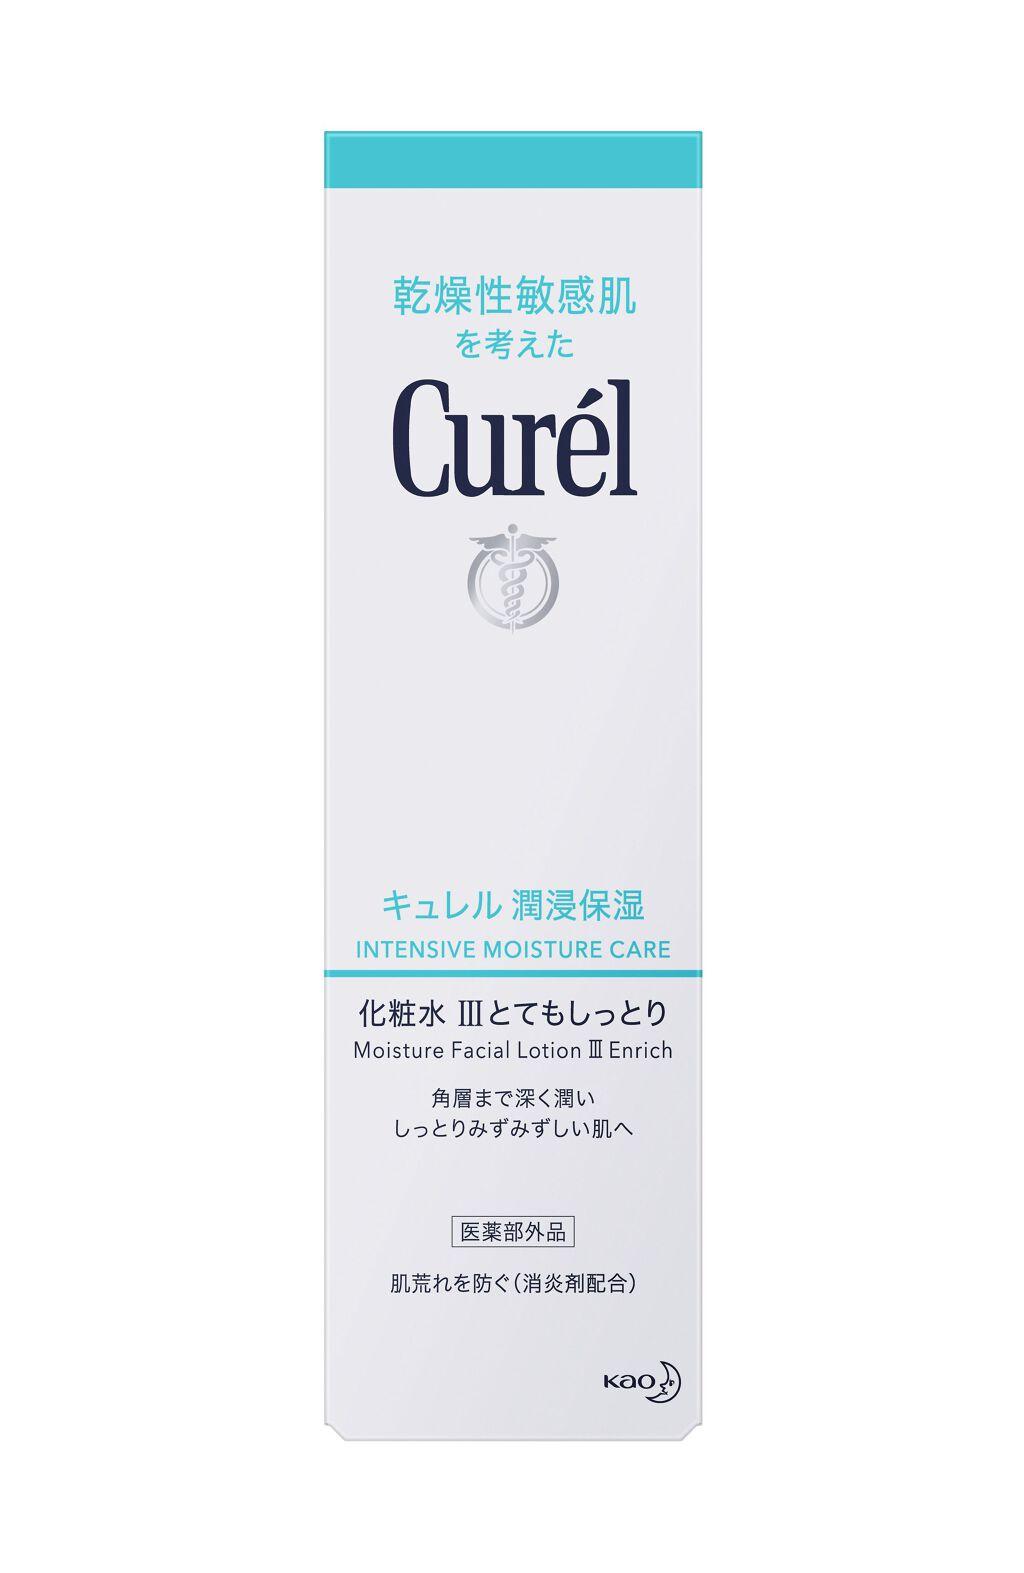 化粧水 III とてもしっとり Curel